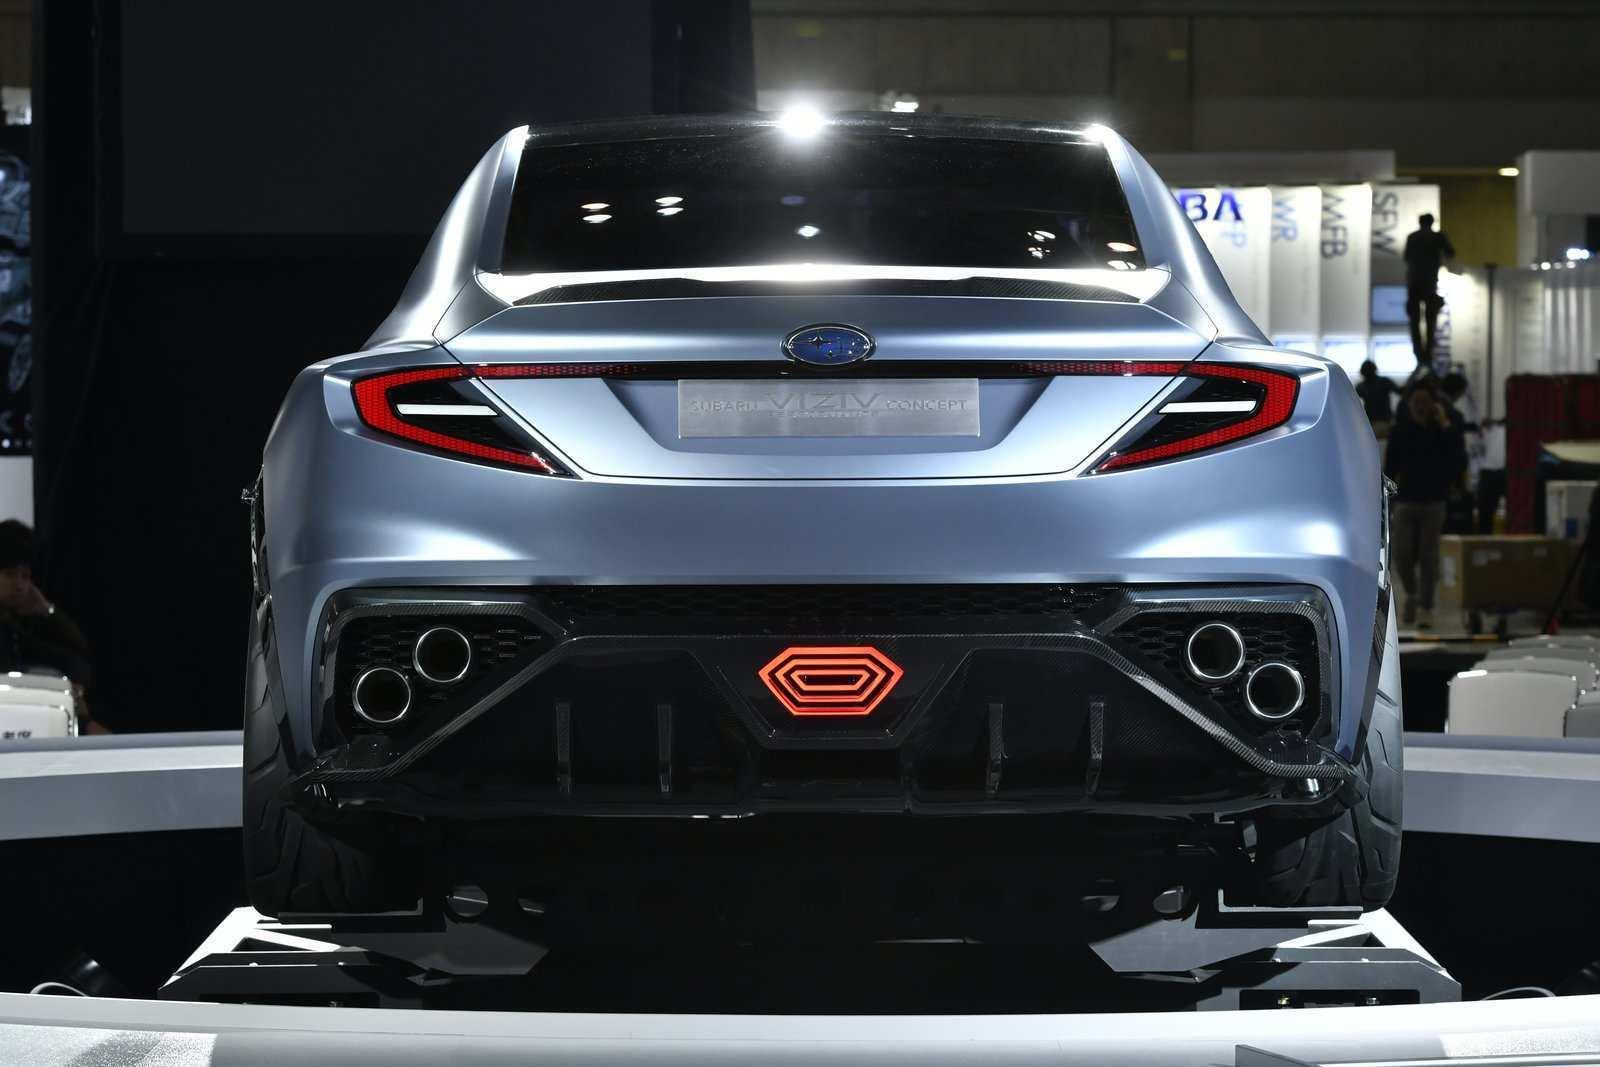 49 New 2020 Subaru Wrx News Specs by 2020 Subaru Wrx News